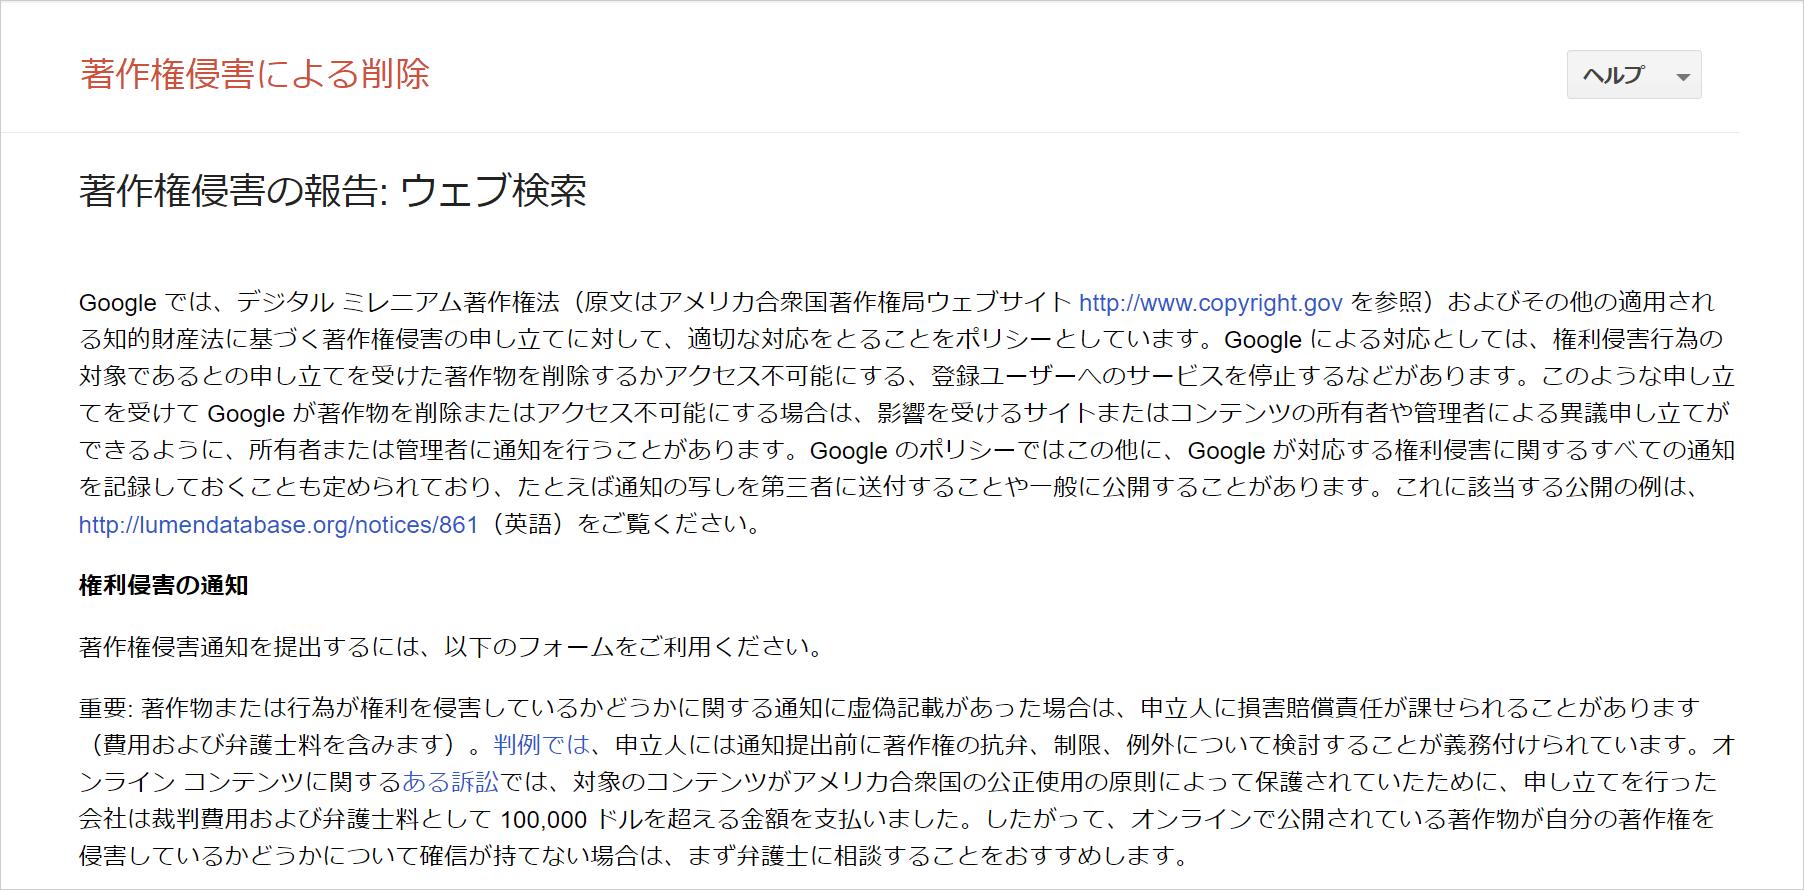 DMCA申請のために「著作権侵害による削除」のページにアクセスする